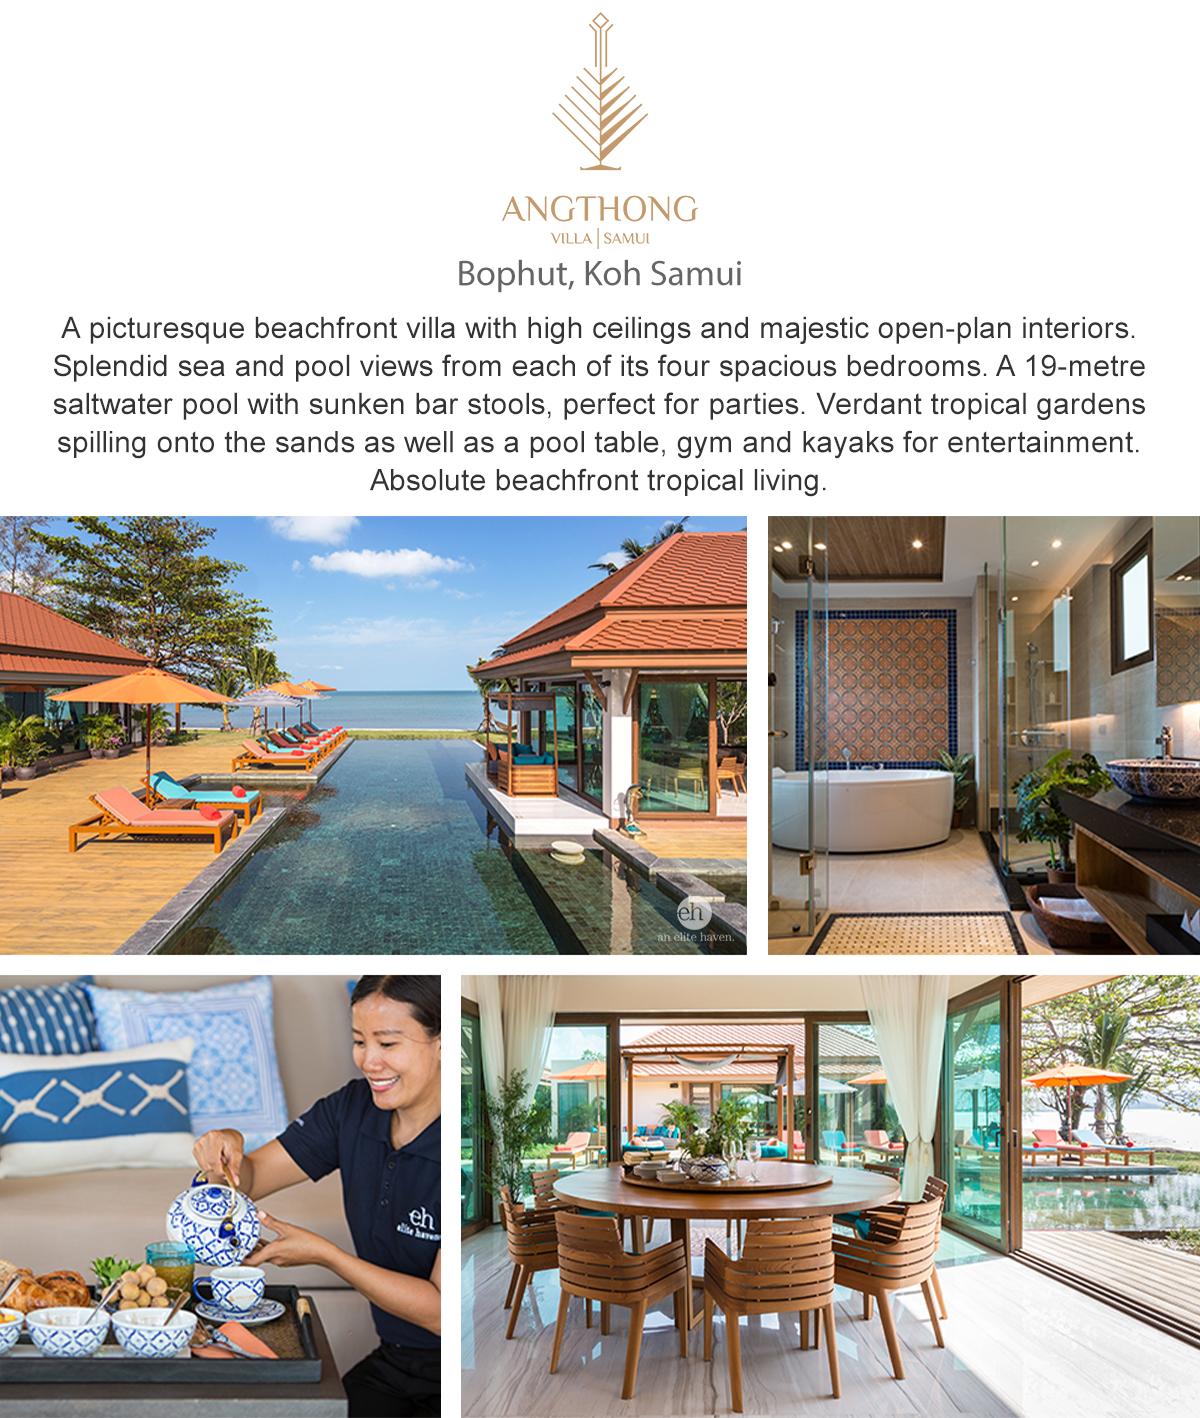 Angthong Villa - Koh Samui, Thailand